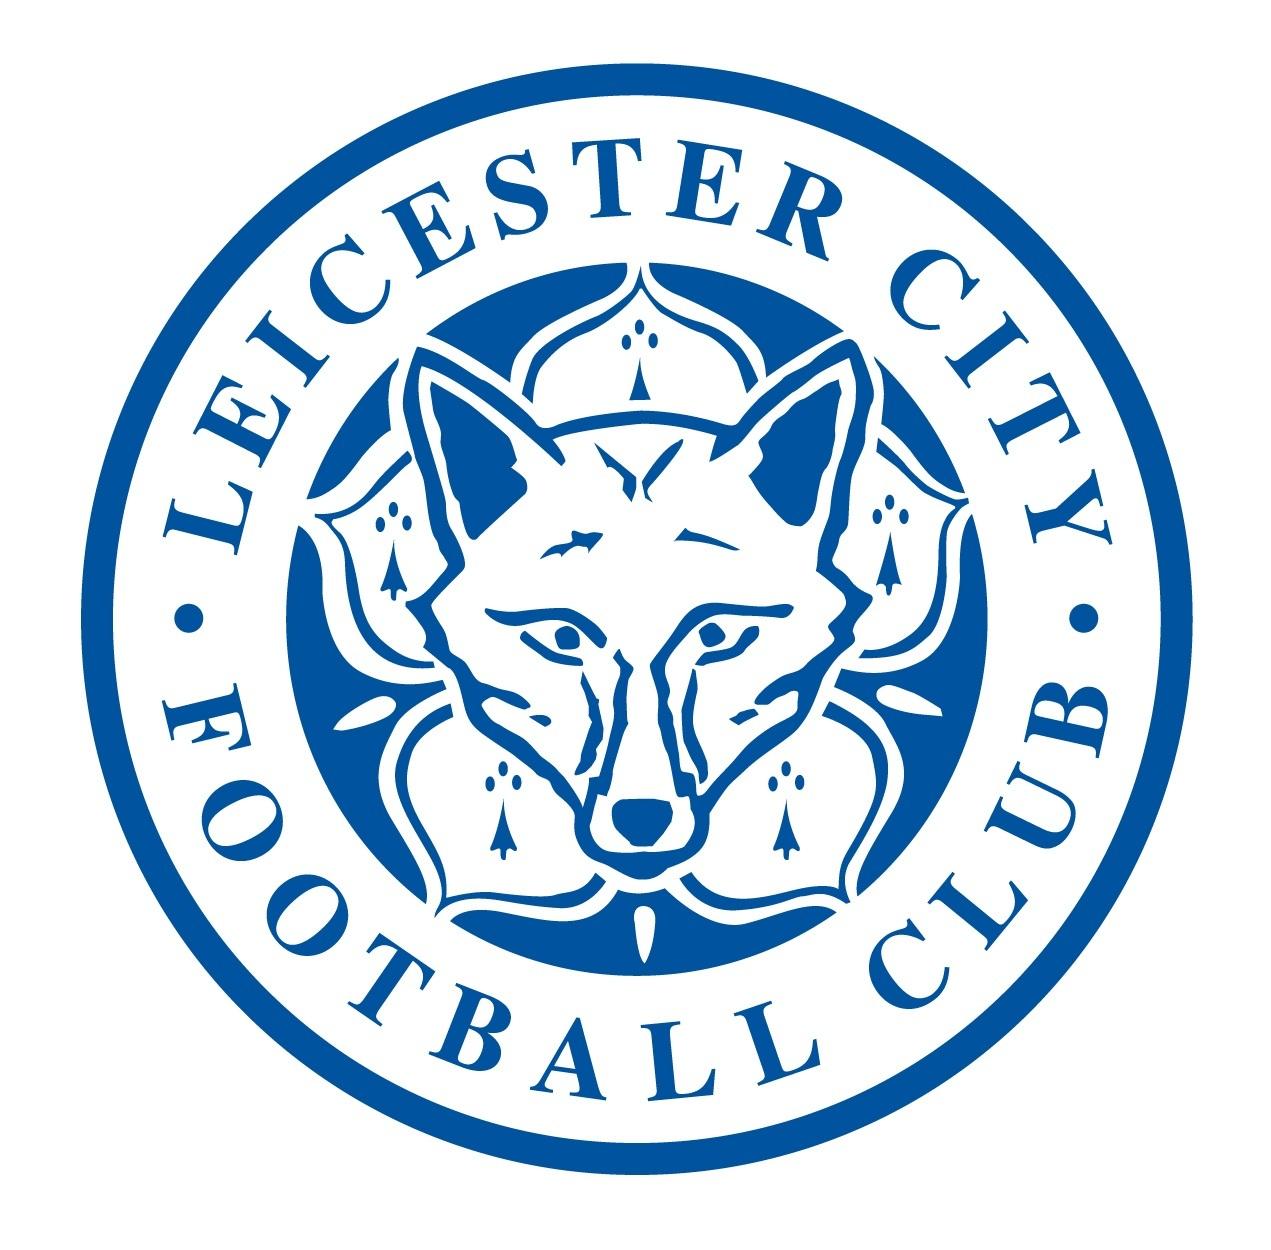 Leicester city Logos